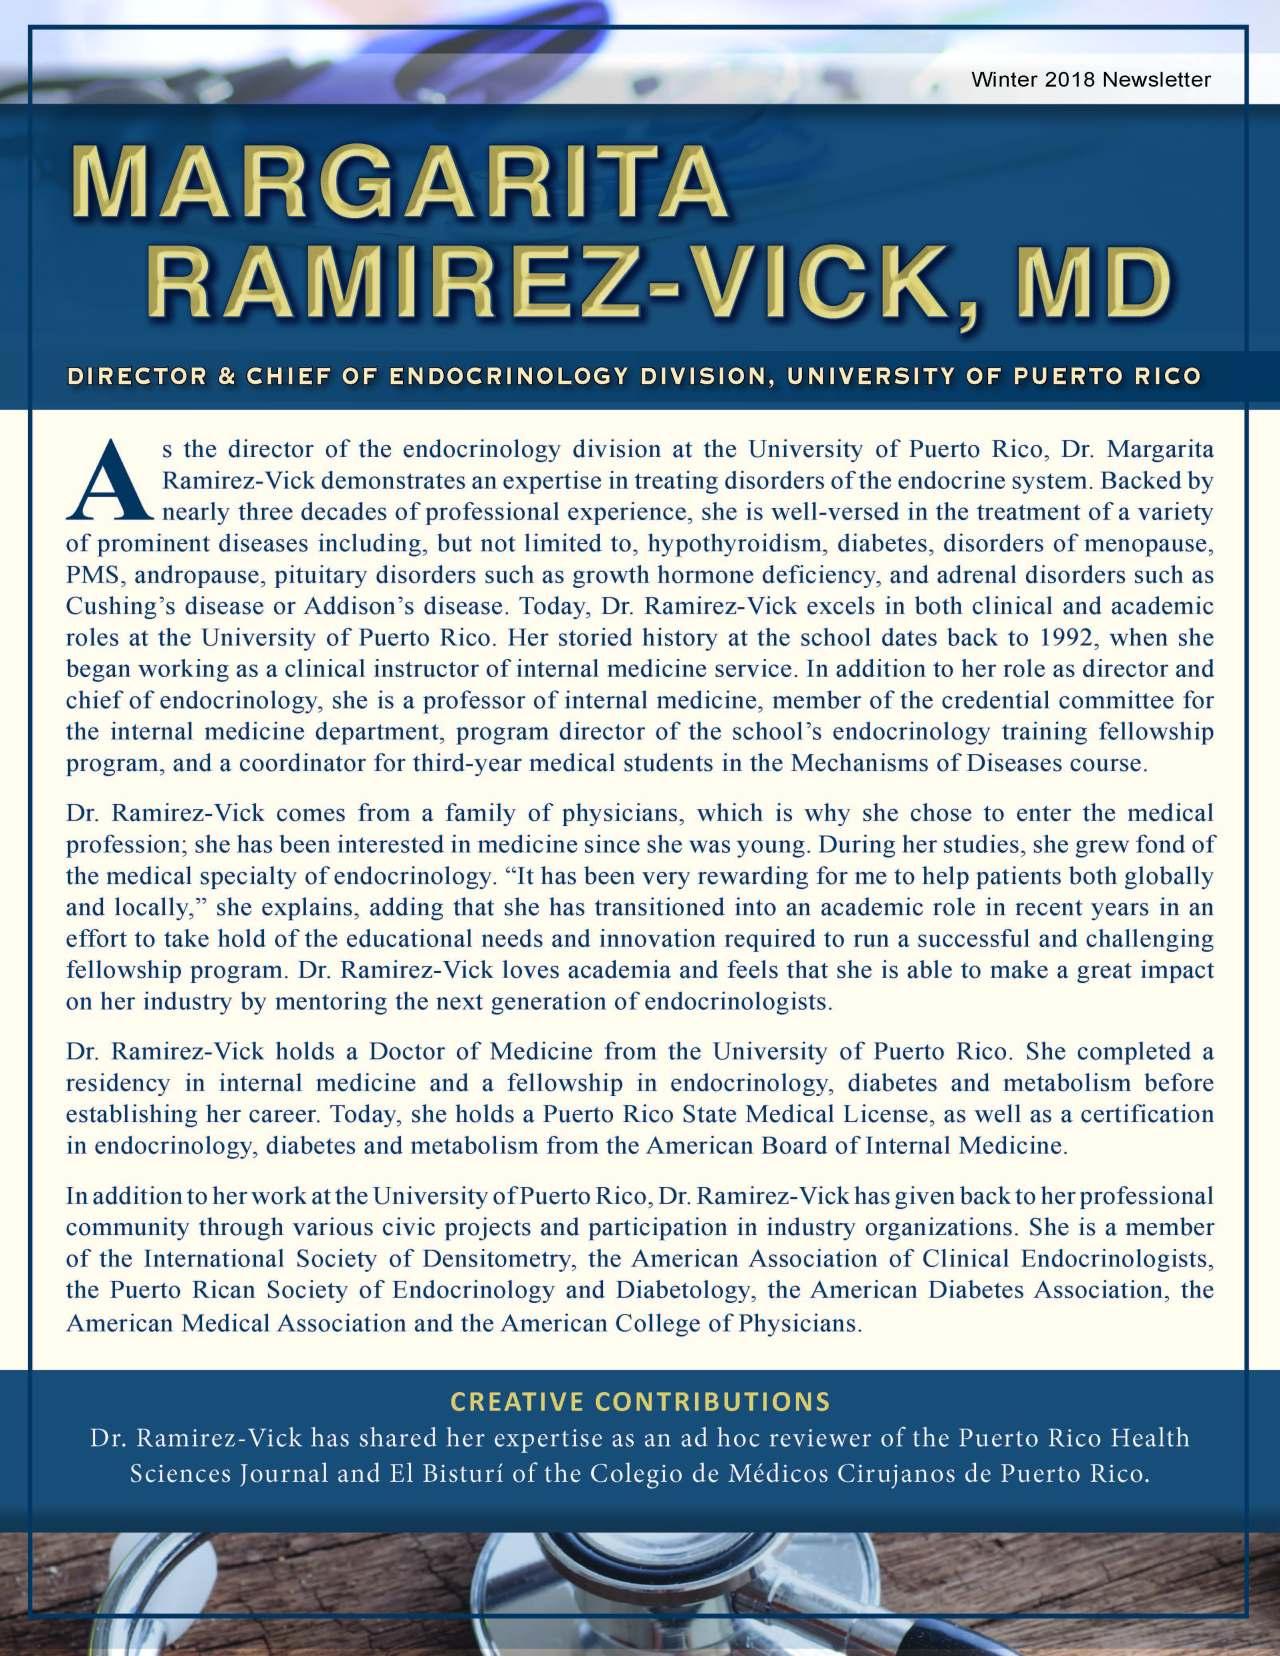 Ramirez-Vick, Margarita 3703730_4003703730 Newsletter.jpg